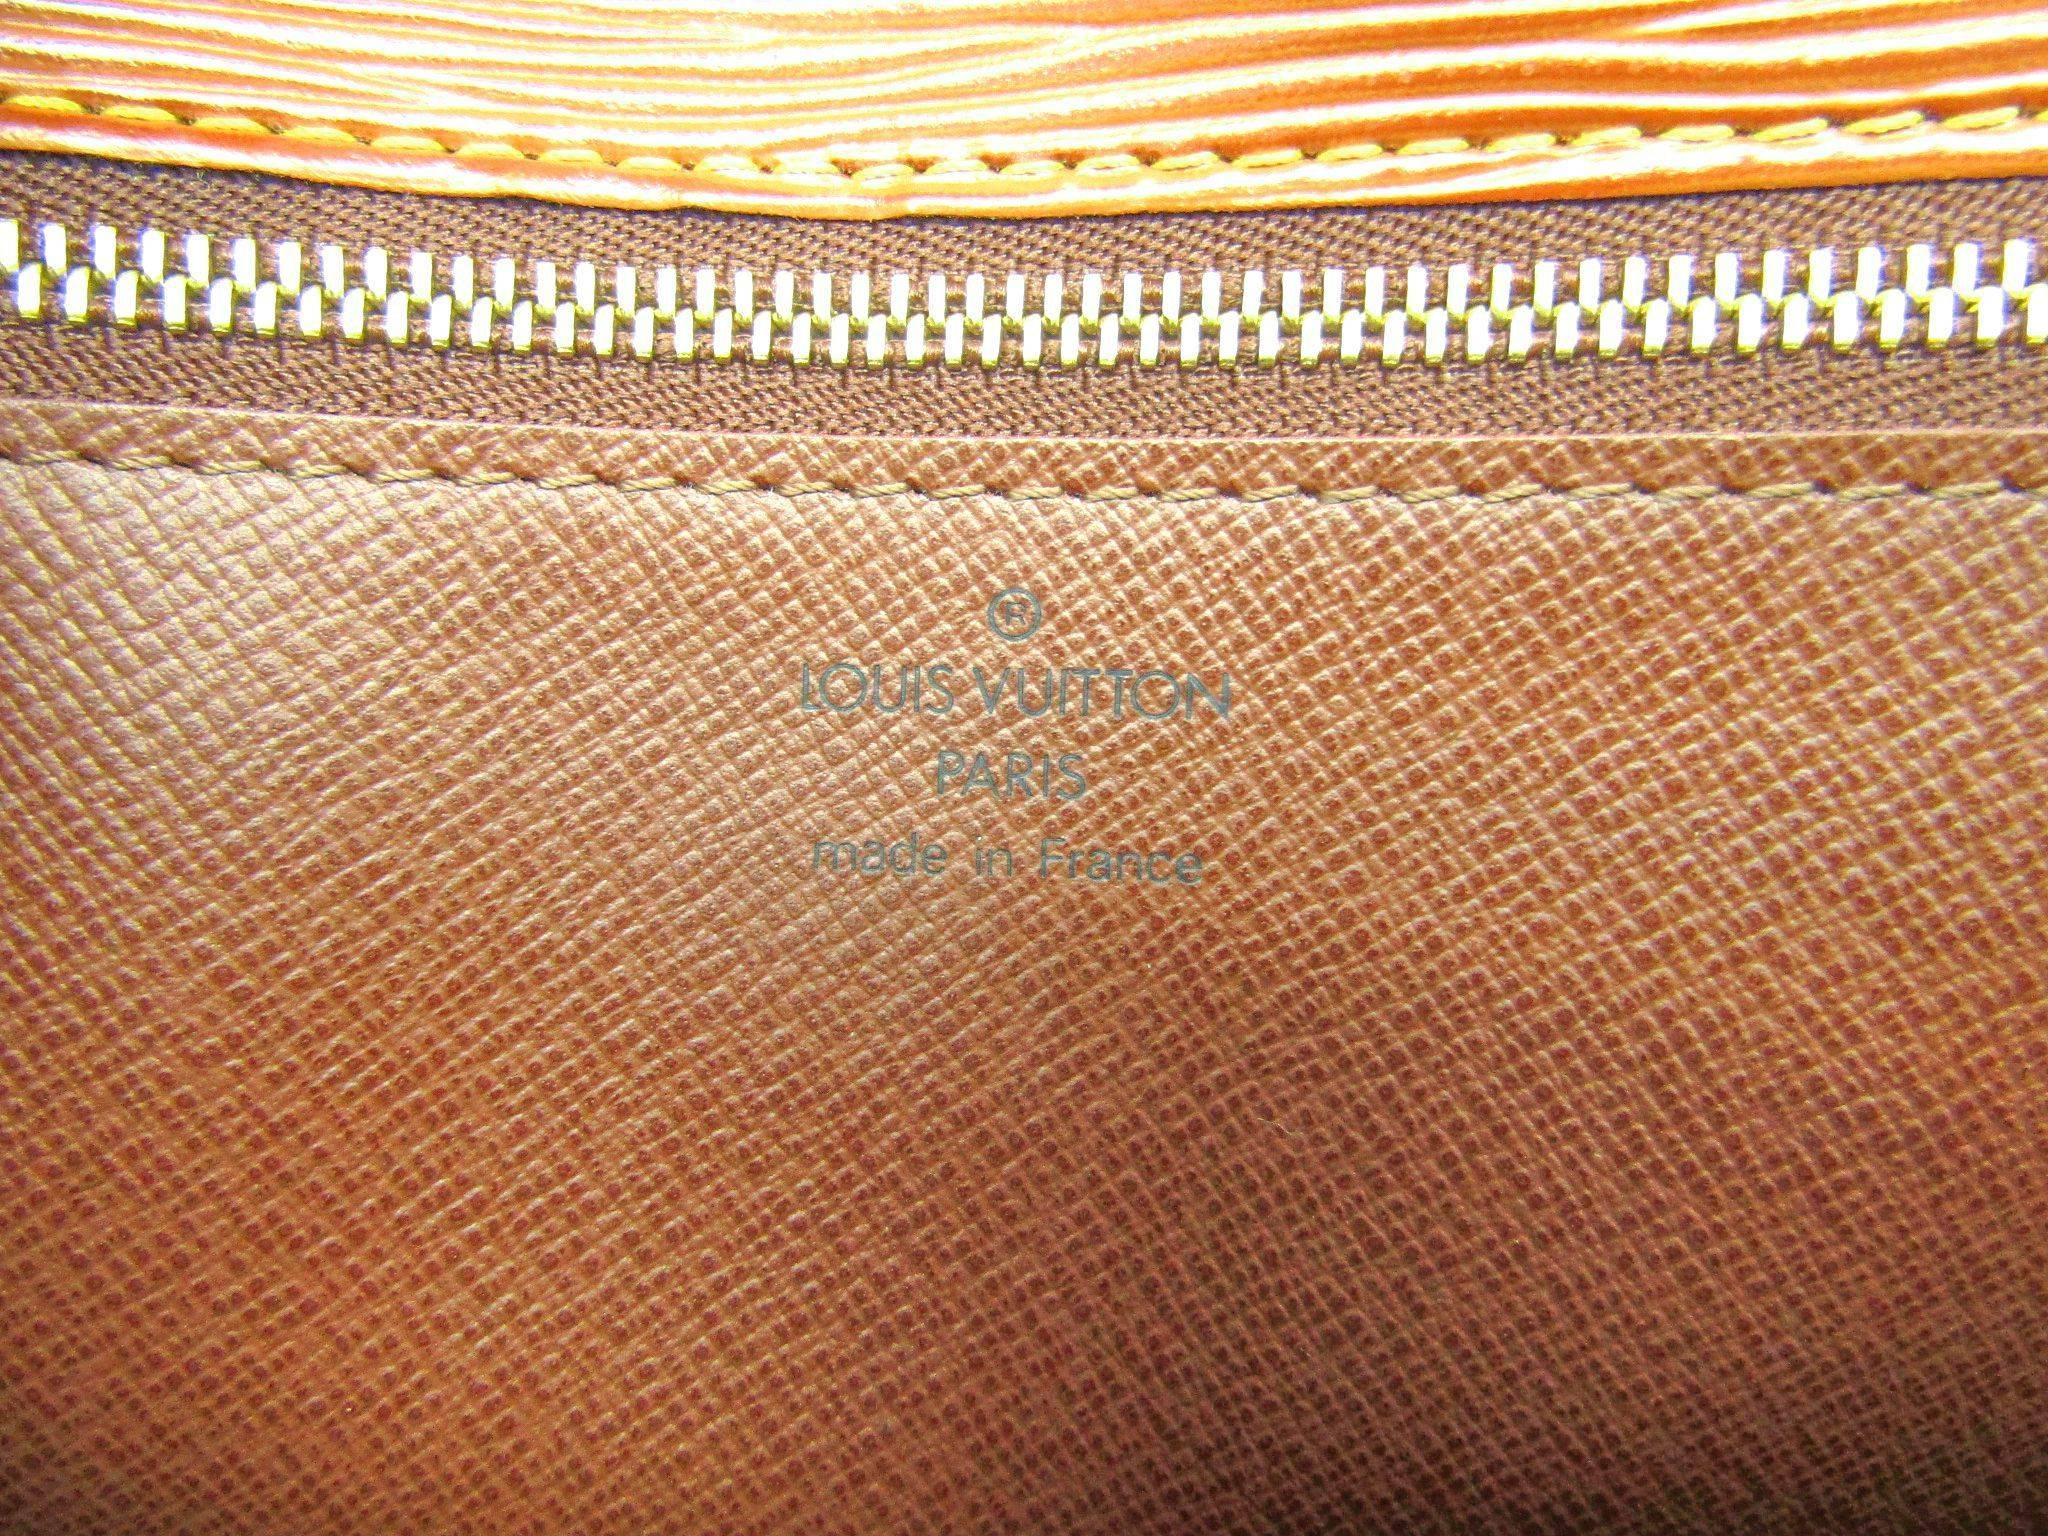 2f76063729a0 Louis Vuitton Cognac Epi Gold Envelope Wristlet Evening Flap Clutch Bag For  Sale at 1stdibs